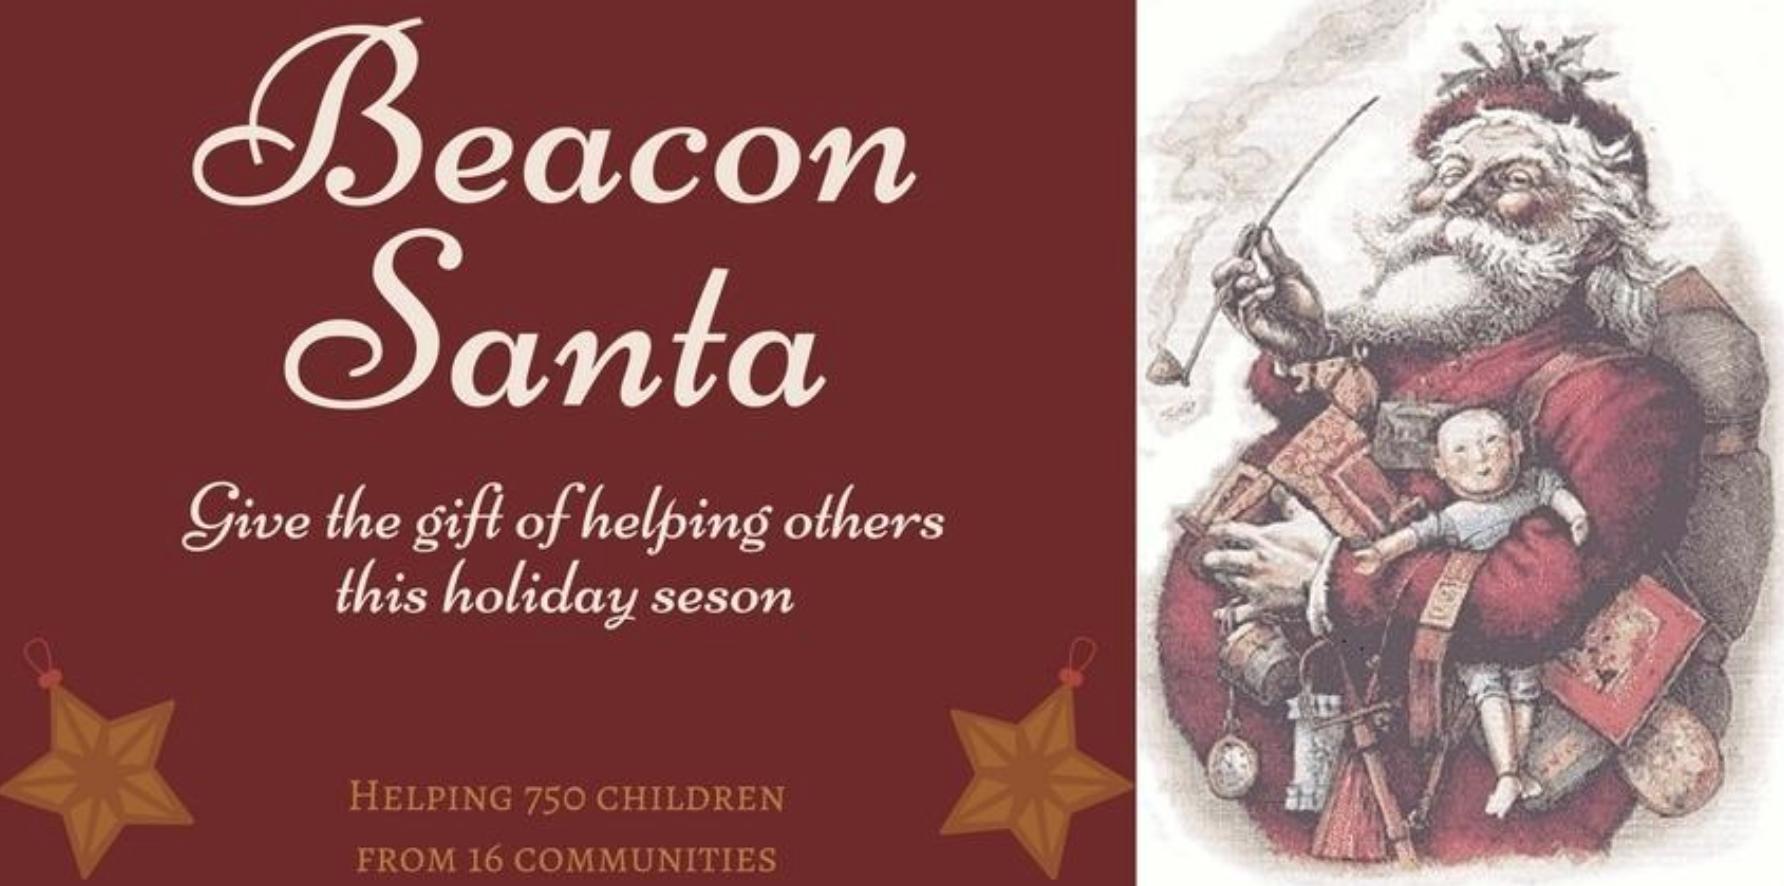 34th Annual Beacon Santa Telethon